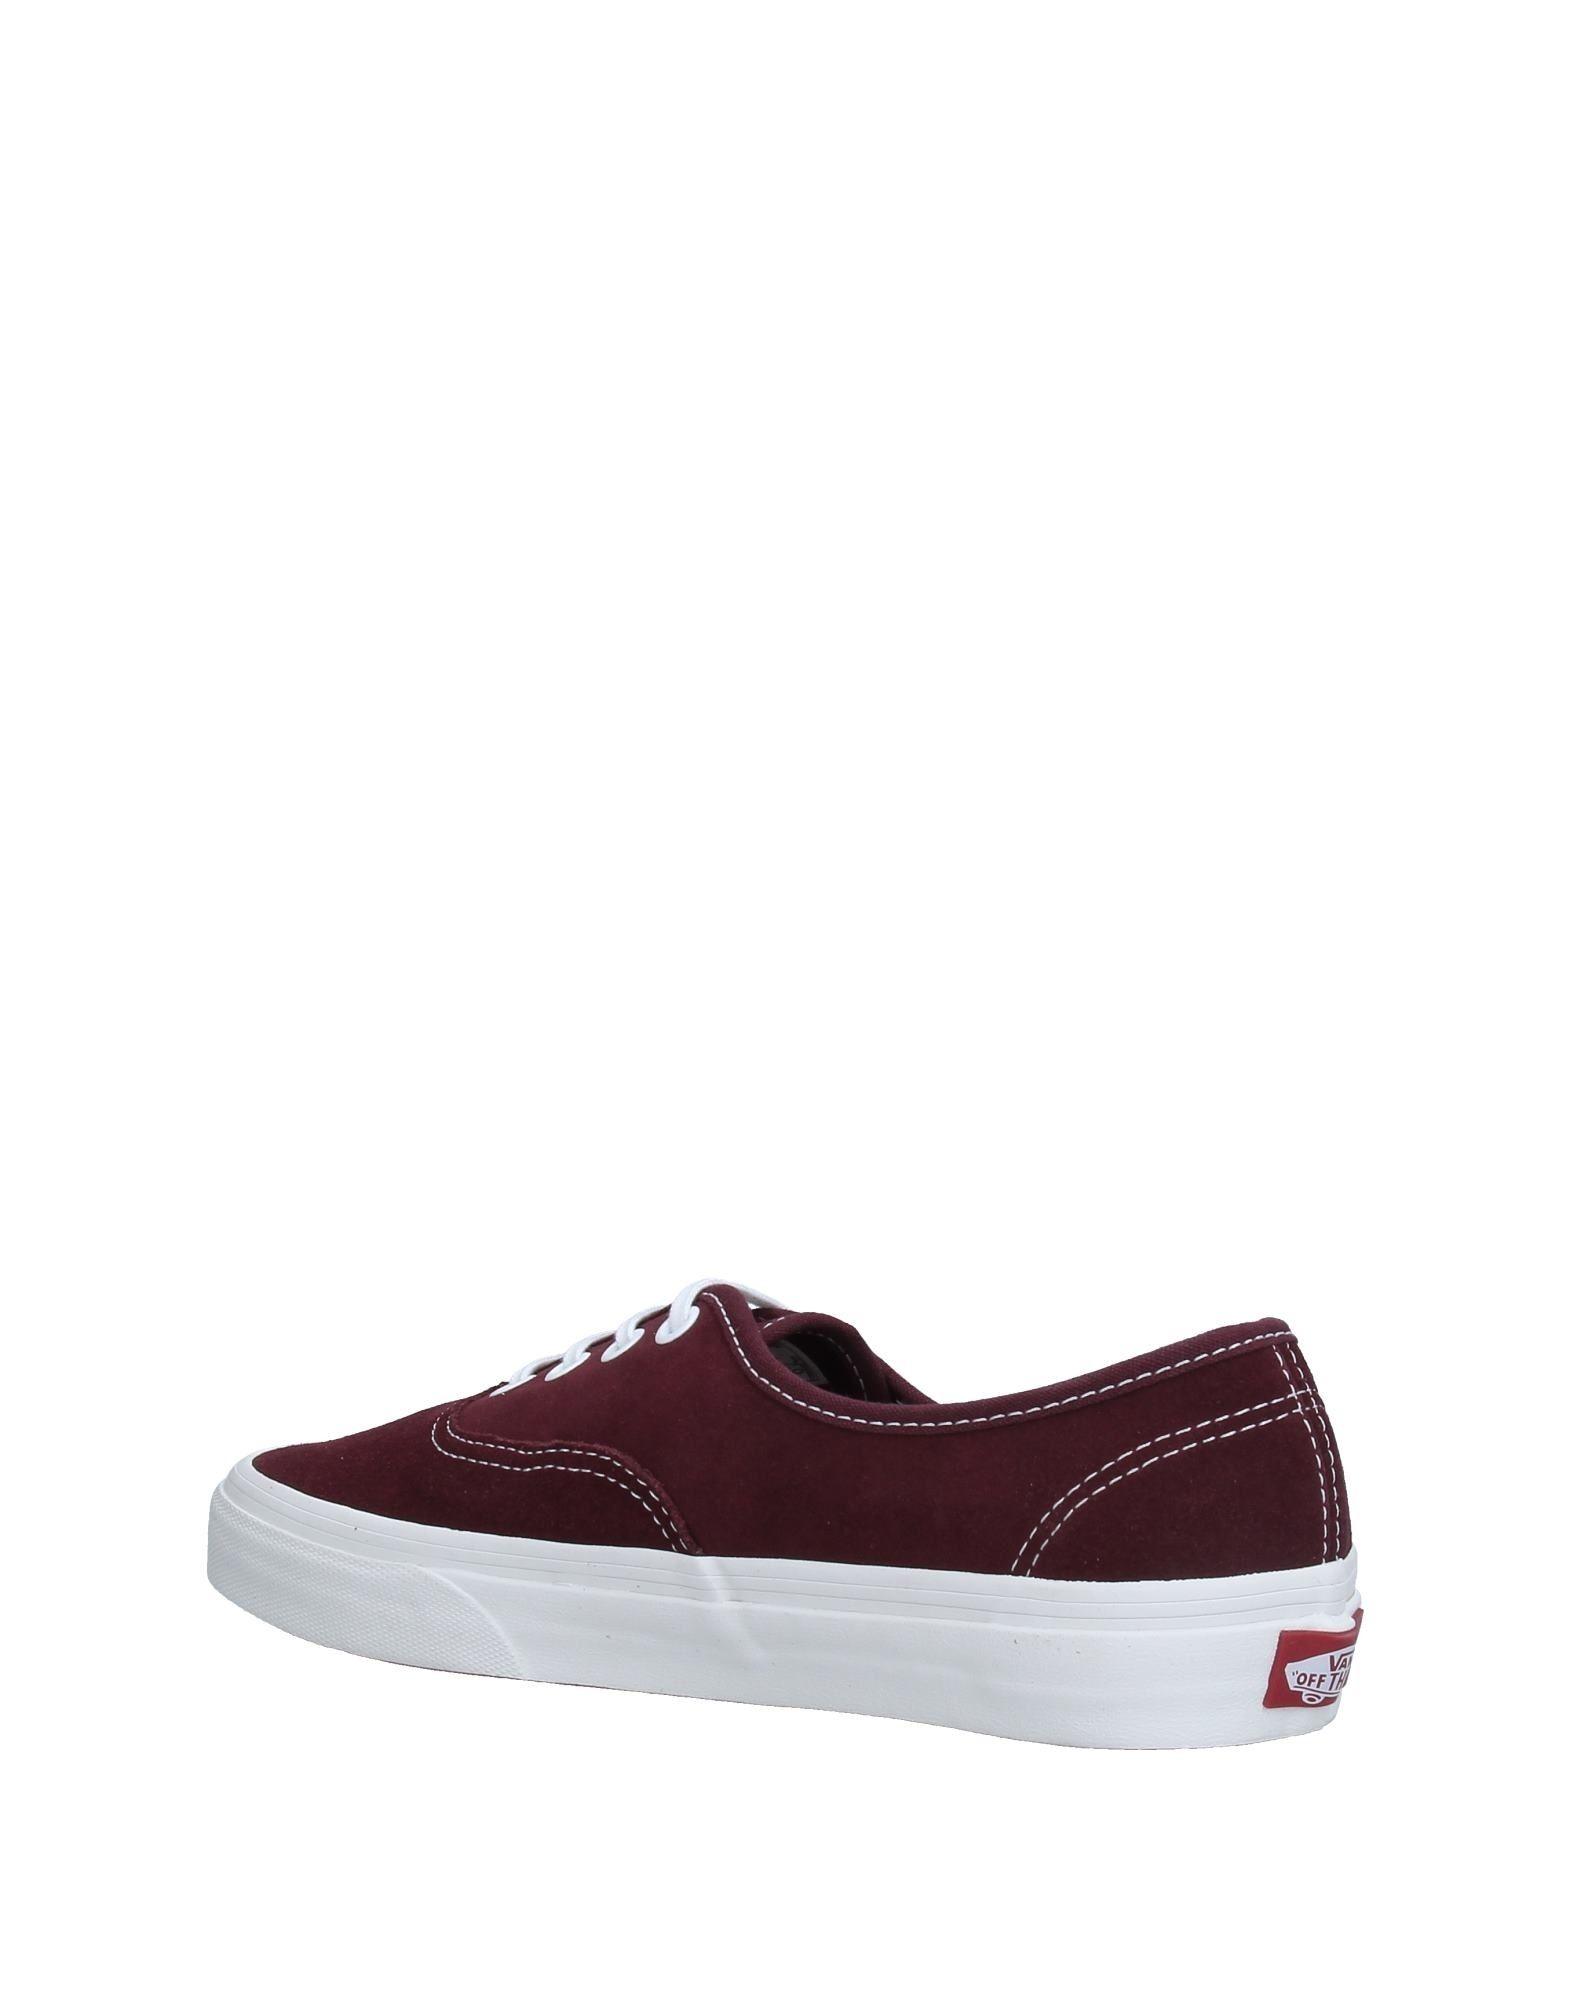 Vans Sneakers Damen  11234597AI 9840c7